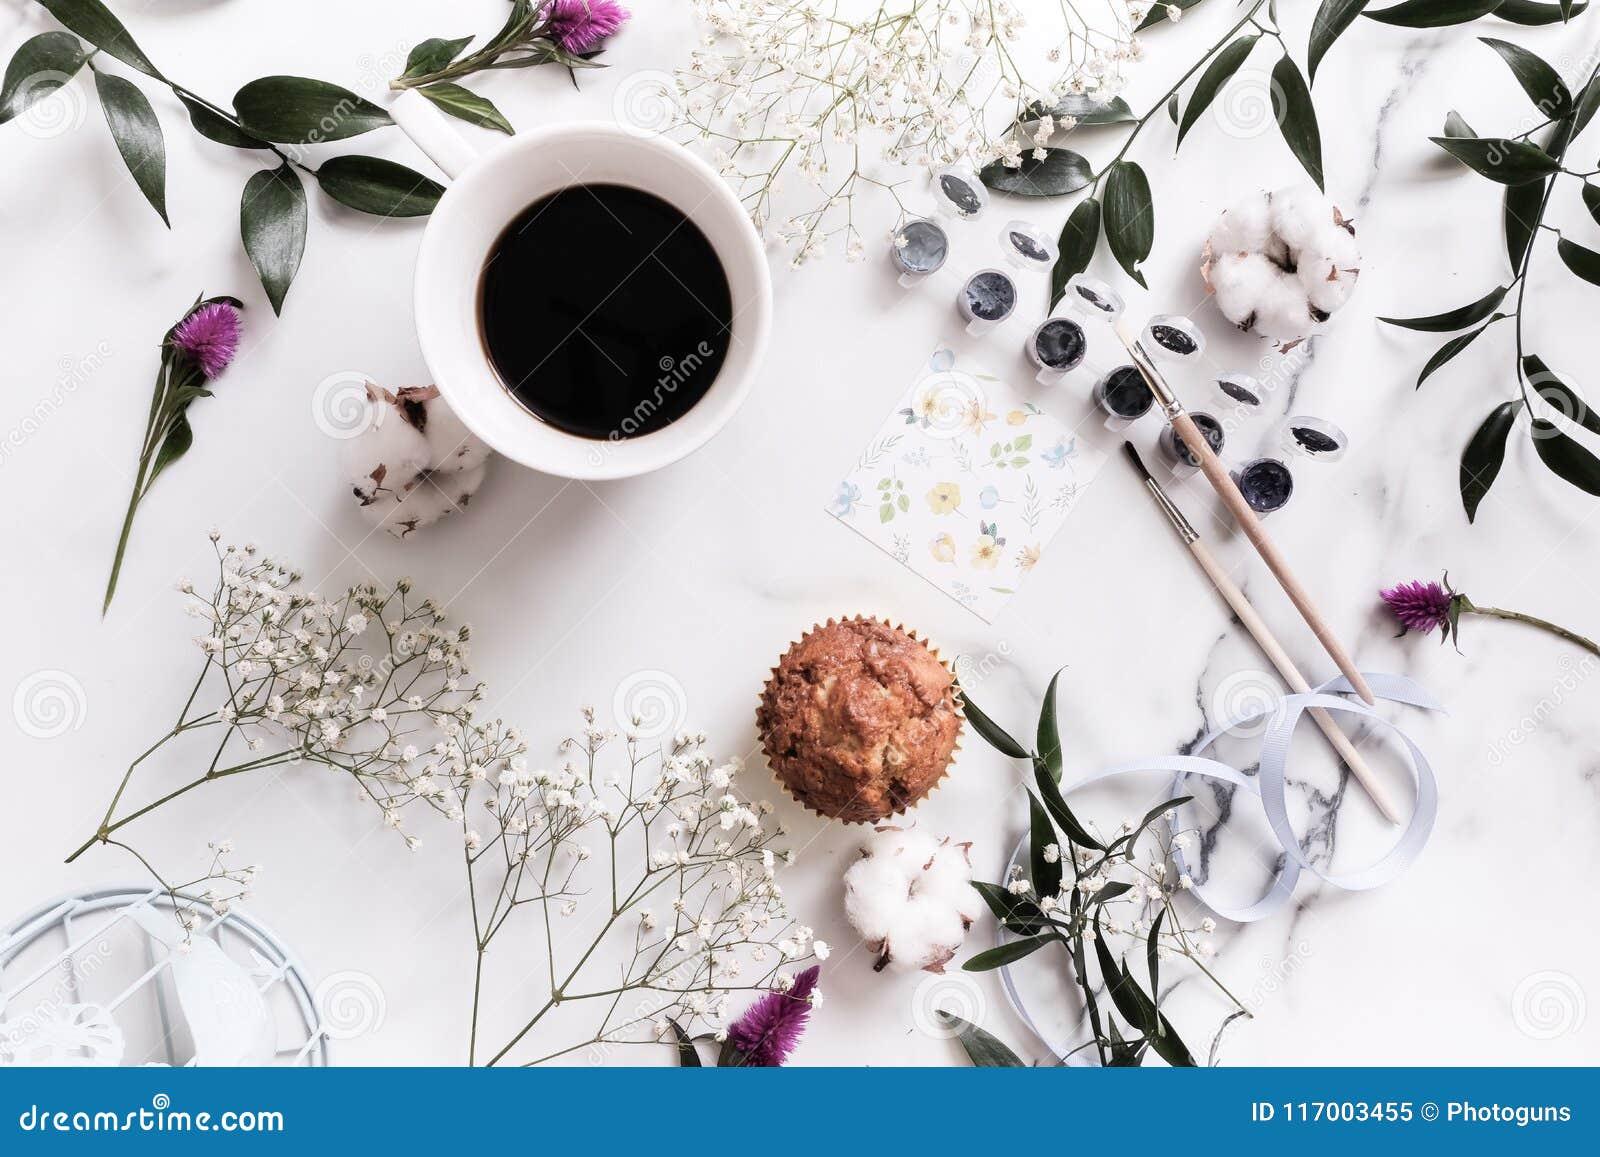 典雅的构成:嫩花,叶子,棉花,油漆,水彩,刷子